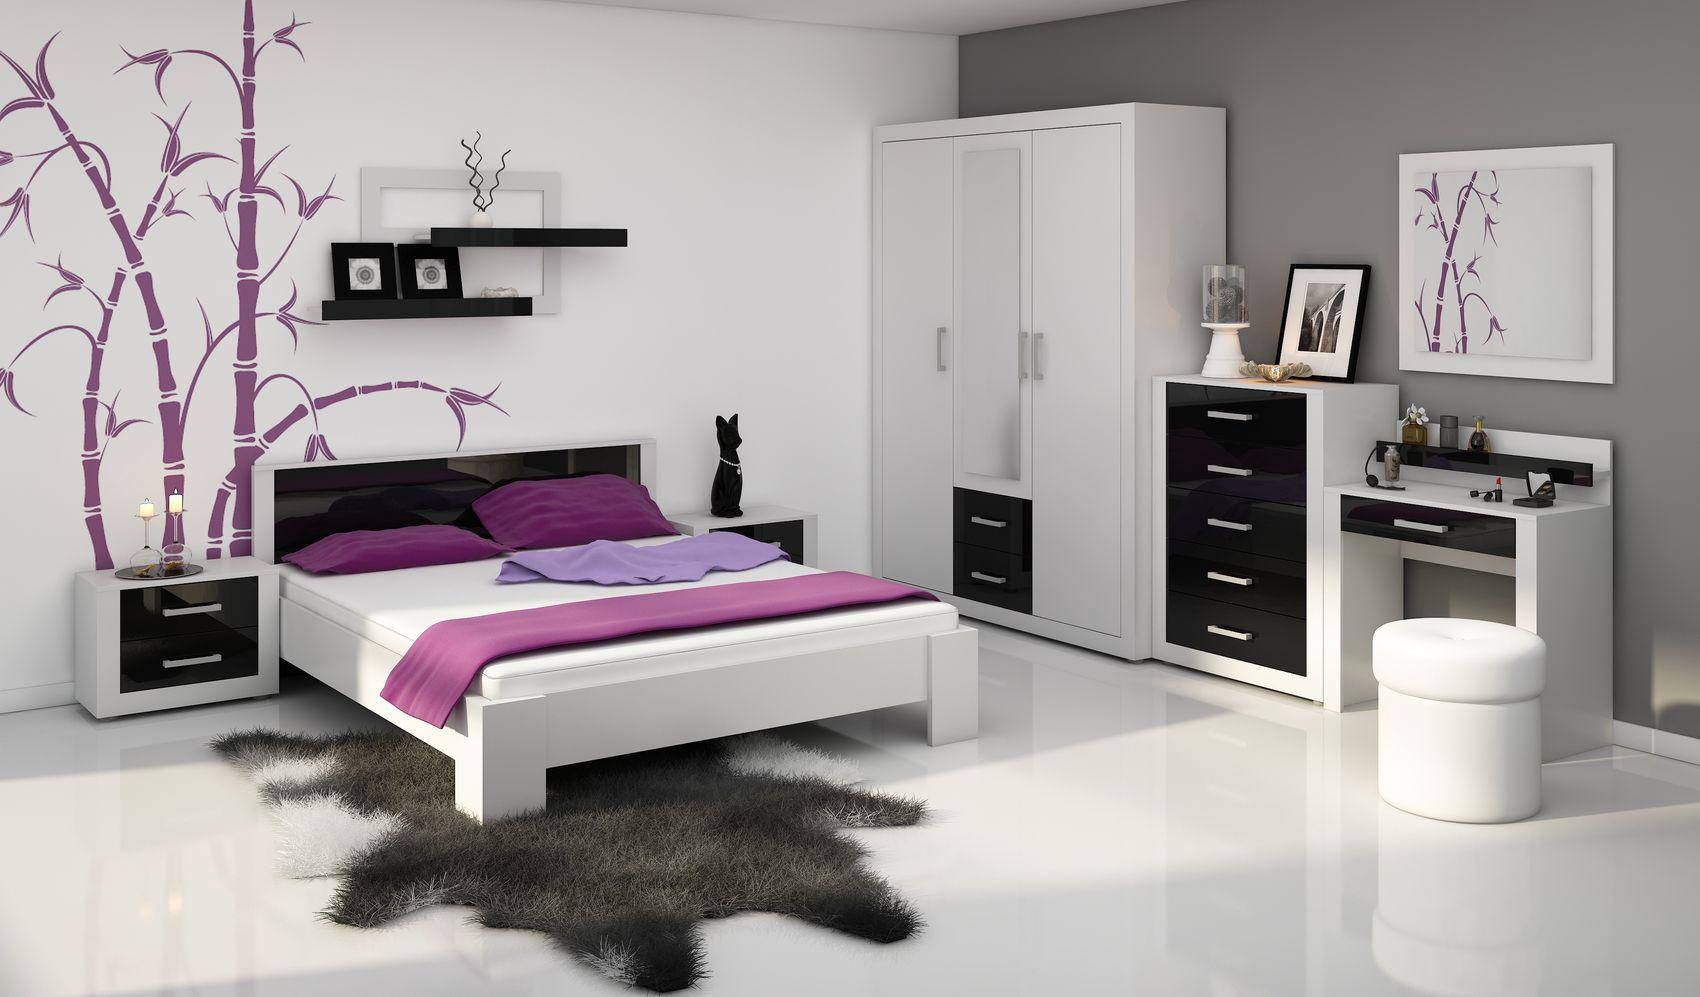 MORAVIA FLAT VIKY, ložnice, bílá/černý lesk